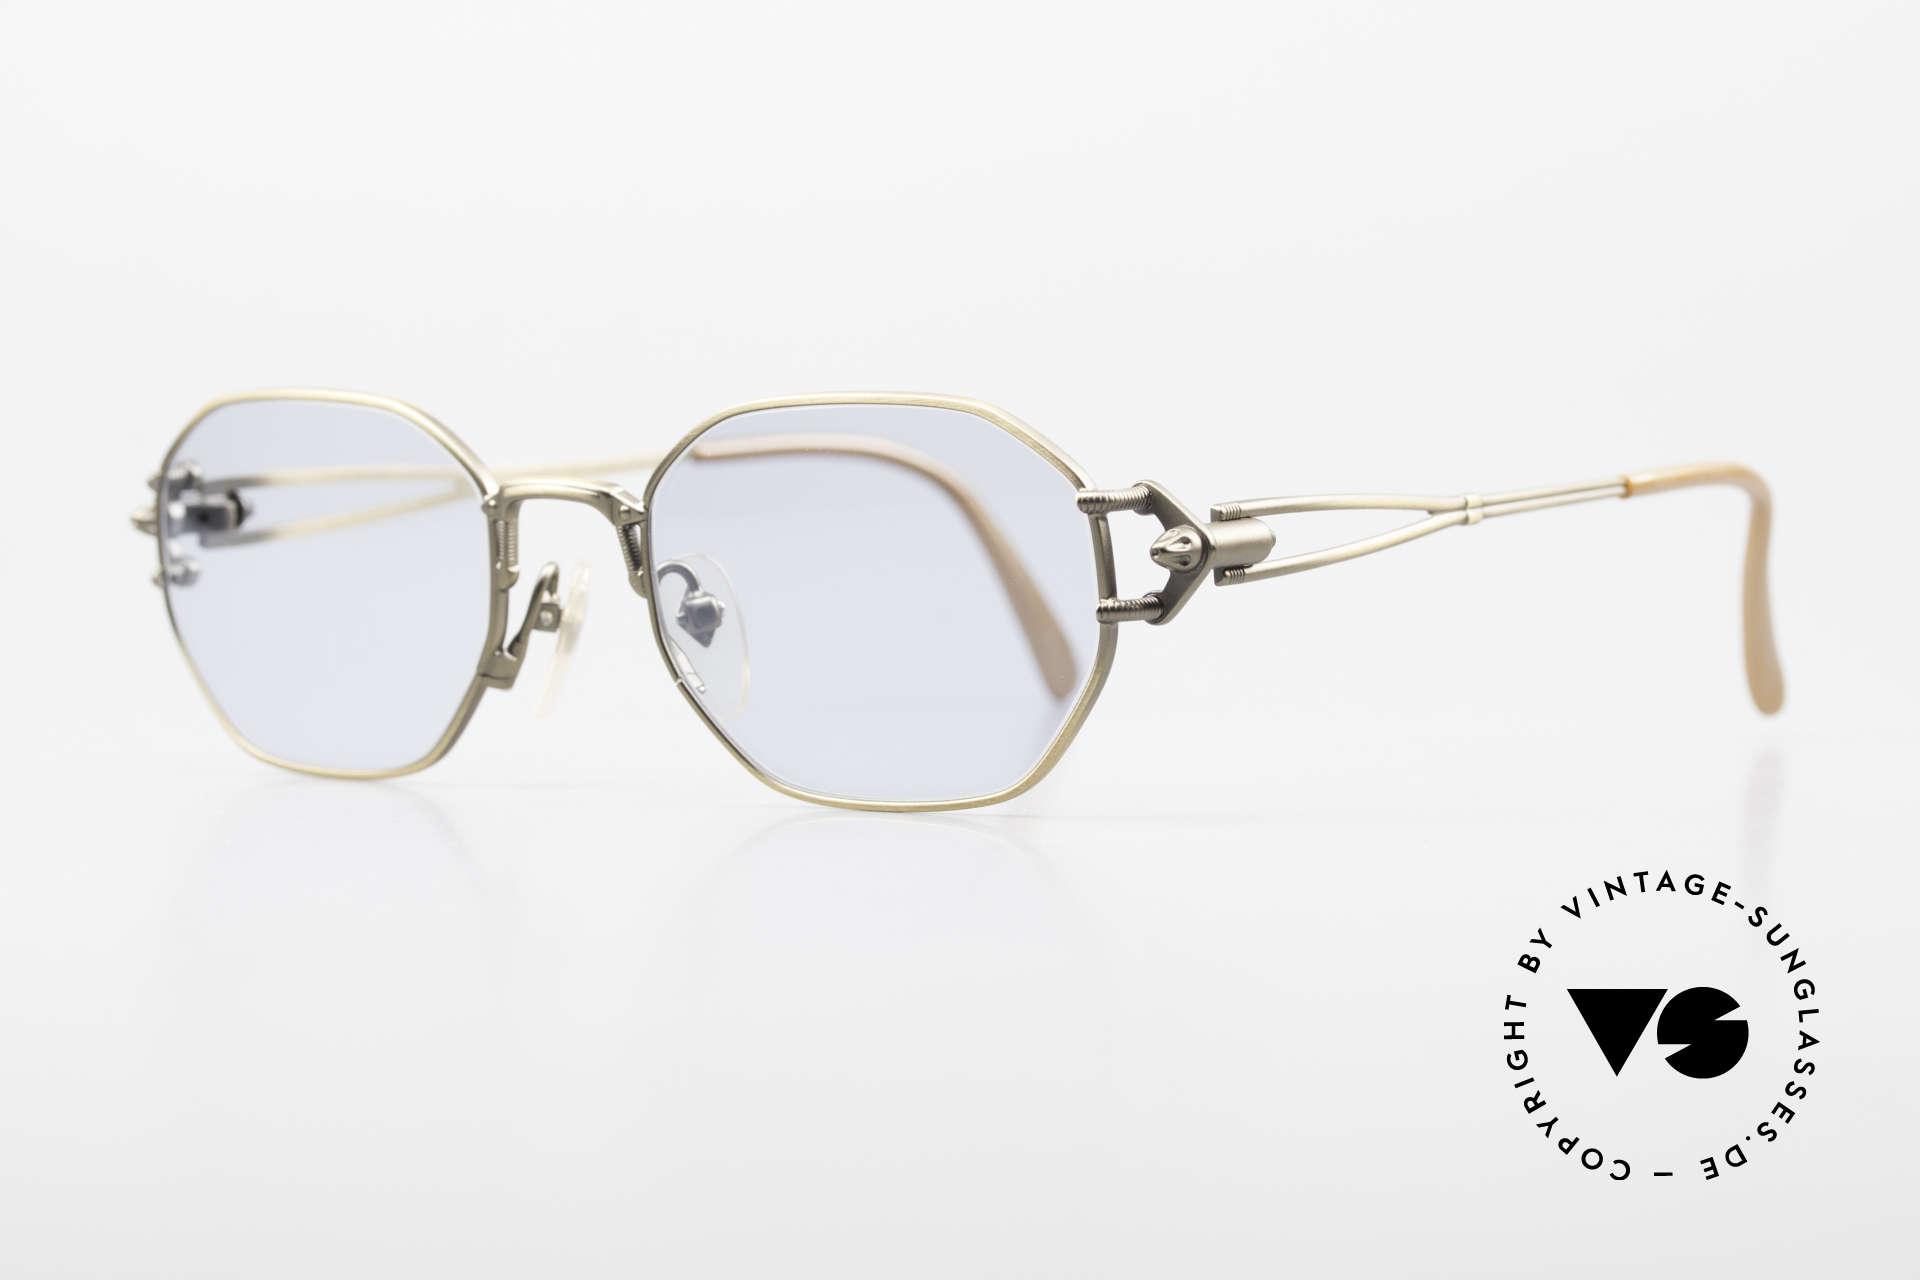 Jean Paul Gaultier 55-6106 Alte 90er Designer Sonnenbrille, technische / mechanische Komponenten (typisch J.P.G), Passend für Herren und Damen